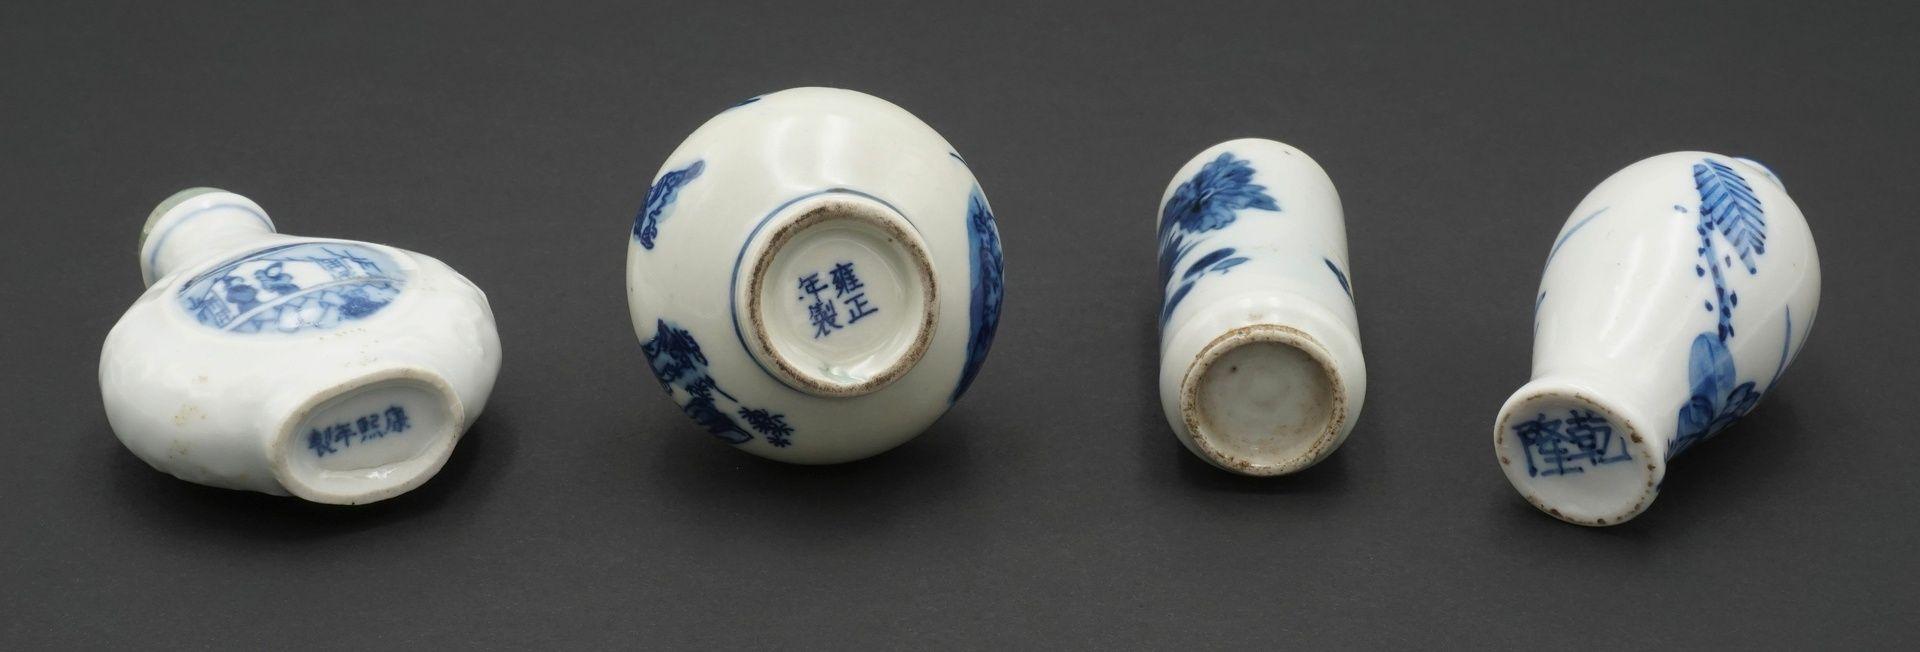 Sieben Snuff Bottles, China - Bild 3 aus 5